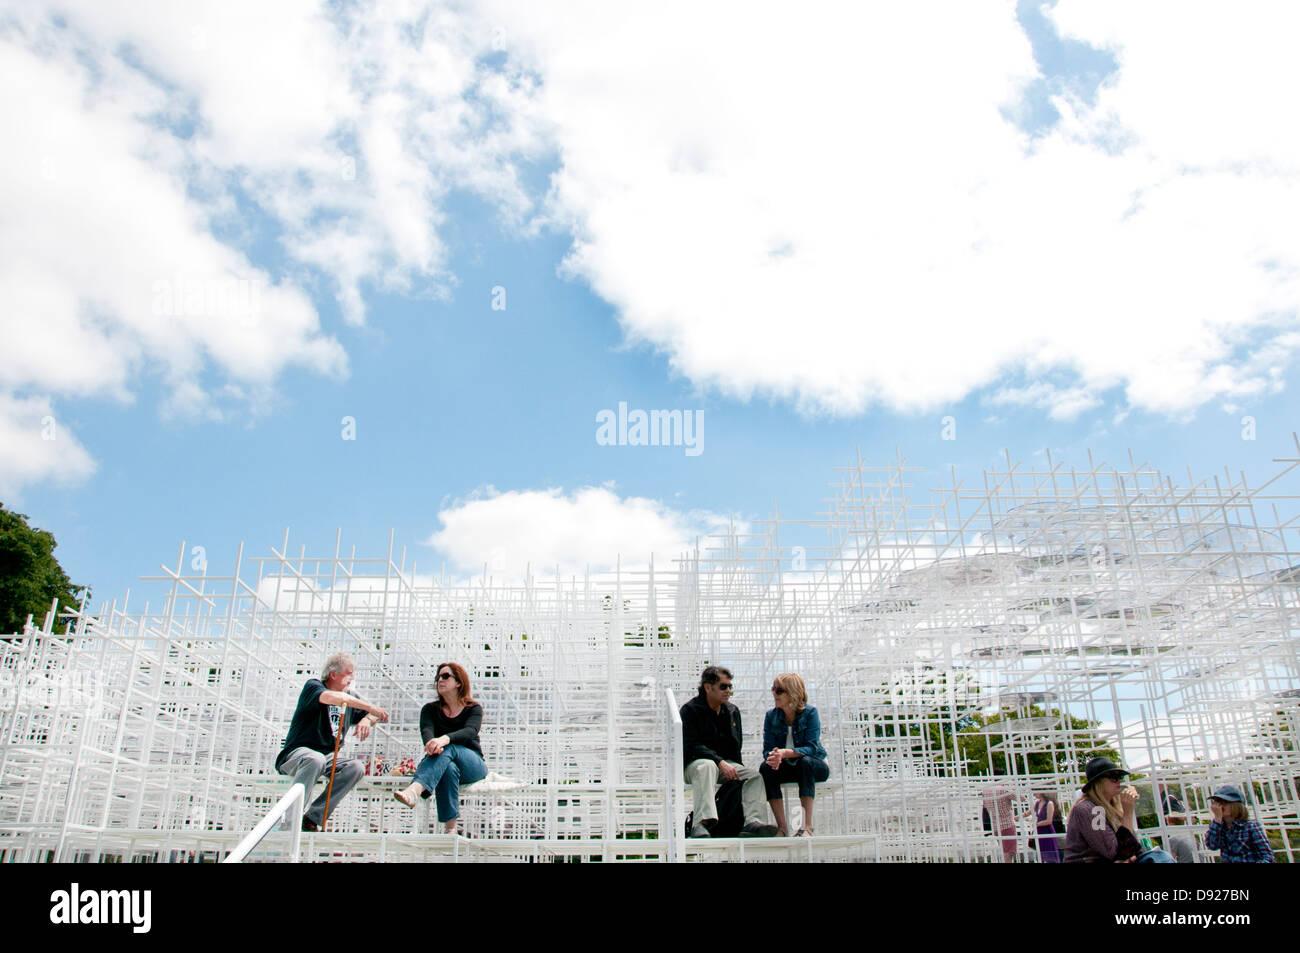 Serpentin Café Sommer 2013 von Sou Fujimoto, mit einem Gitter aus Stahl und Glas entworfen. Stockbild